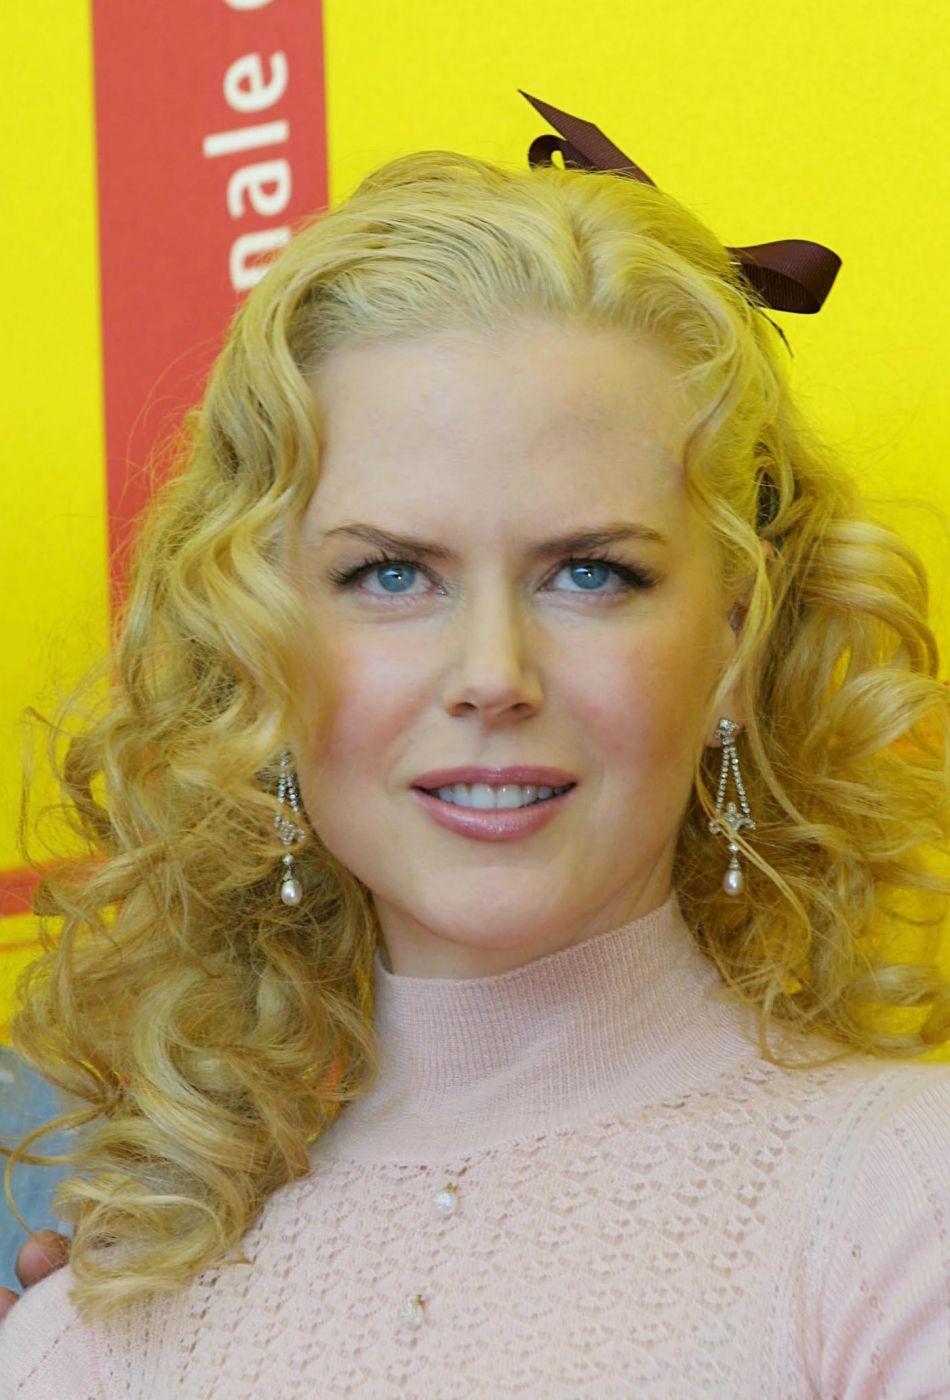 Joues roses (comme son top) et brushing bouclé, Nicole Kidman joue les filles sages à la 61e Mostra de Venise, en 2004.